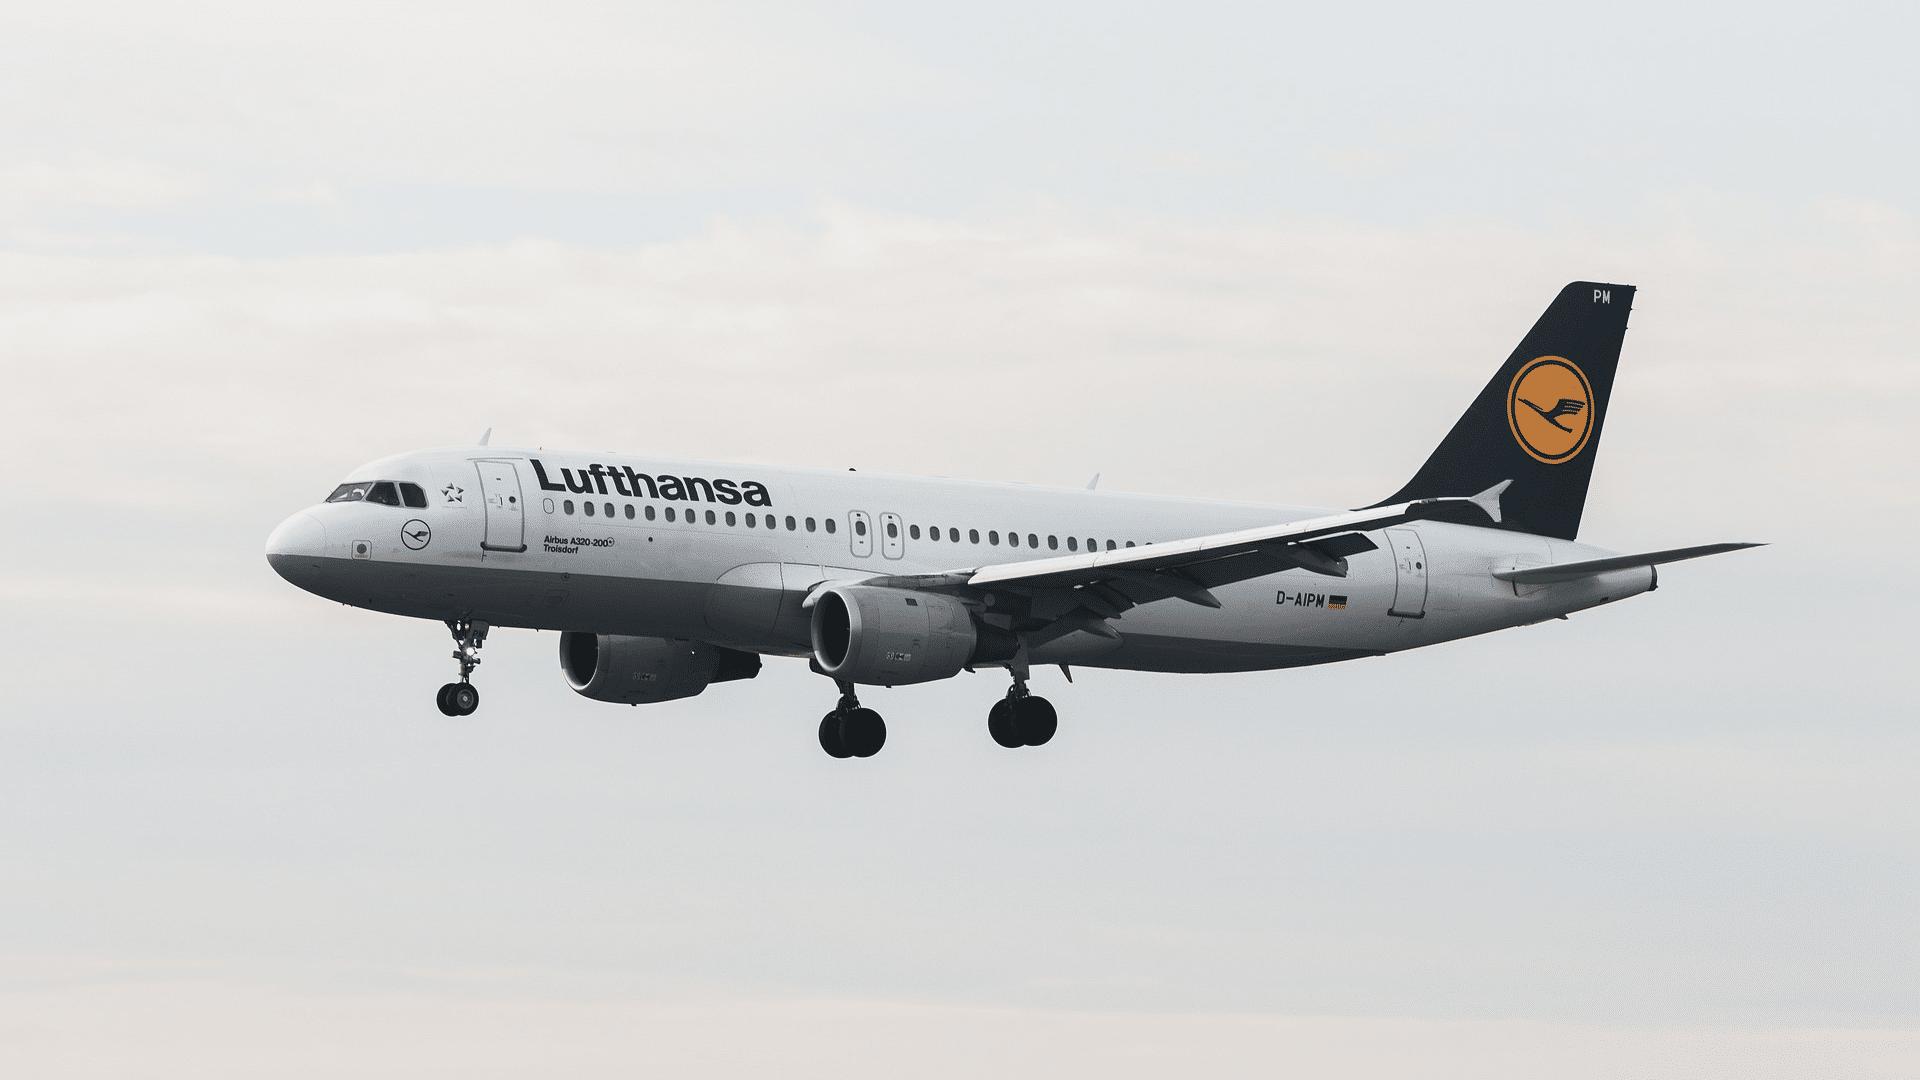 Lufthansa Flieger